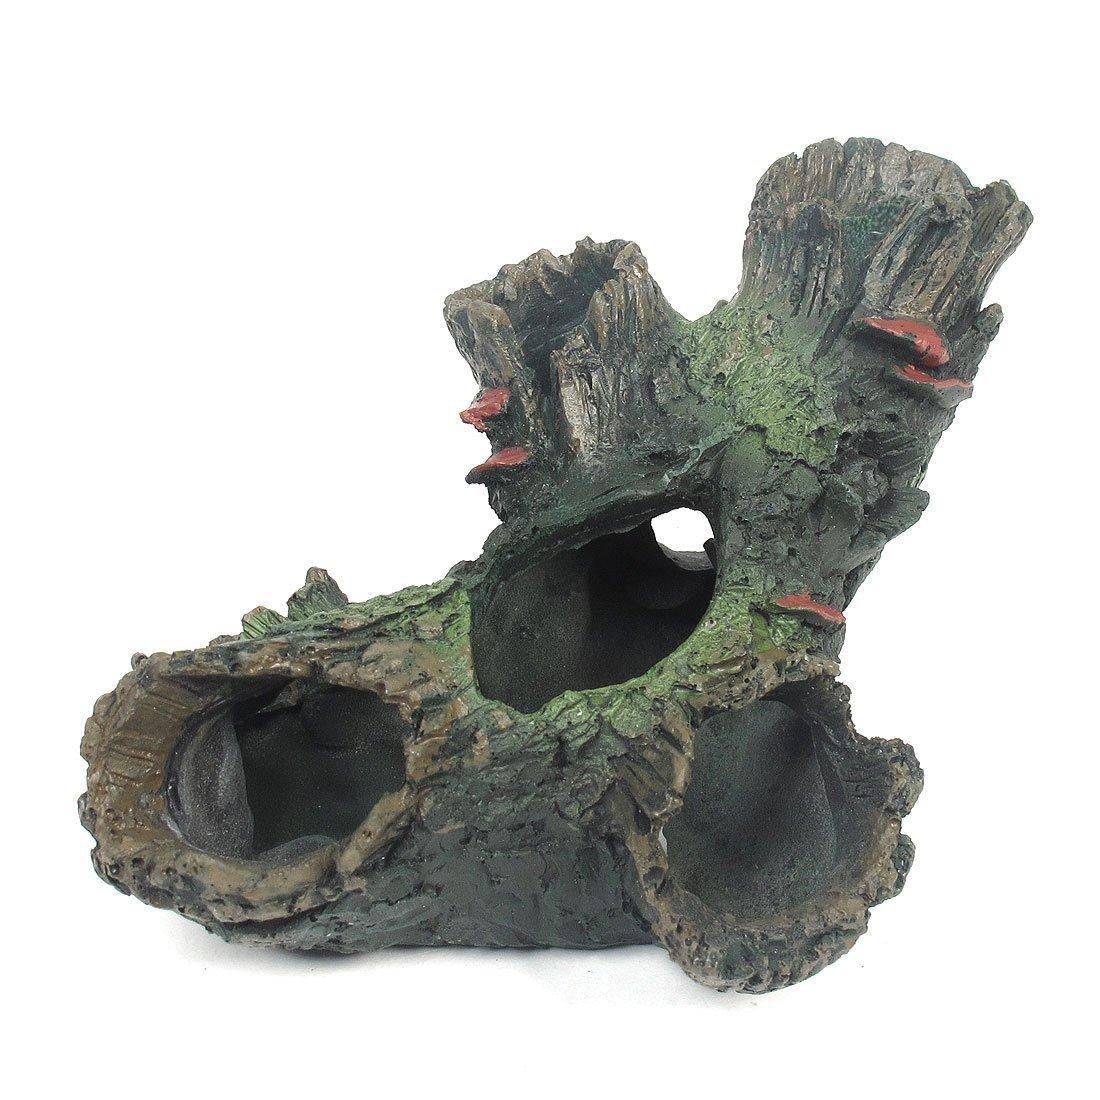 Racines pourries - SODIAL(R)Resine d¡¯aquarium artificielles racines pourries, 2,4 pouces hauteur, noir/vert 061795